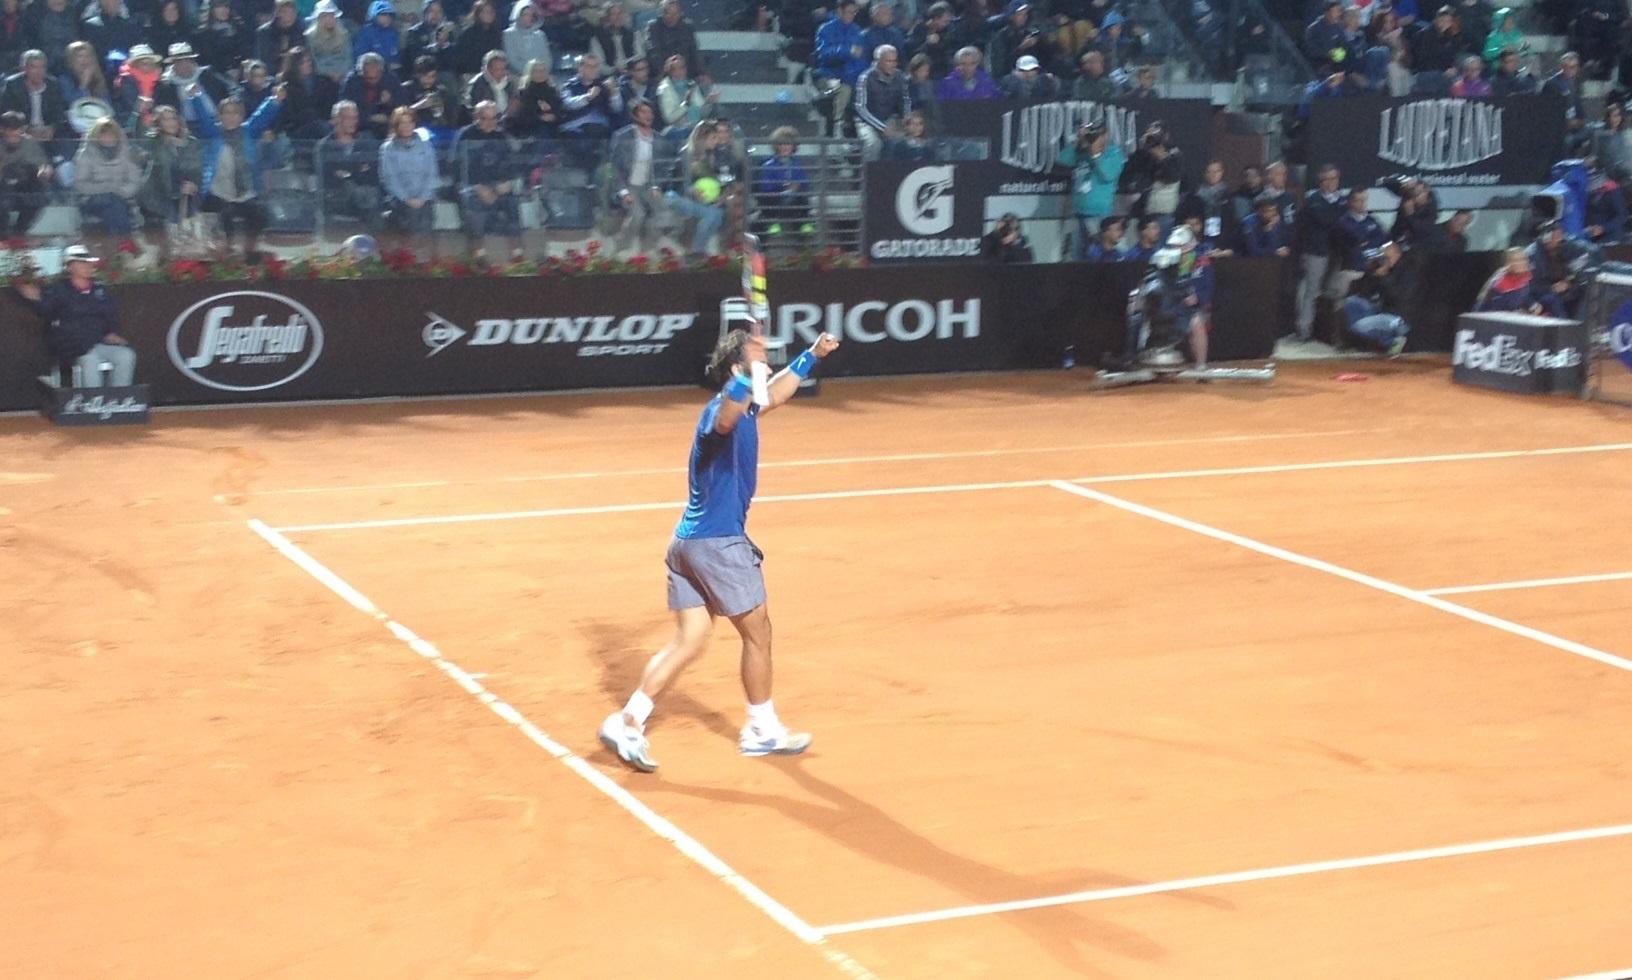 Photo of Internazionali BNL d'Italia:  Djokovic e Nadal in semifinale ma che fatica! Che spettacolo al Foro!